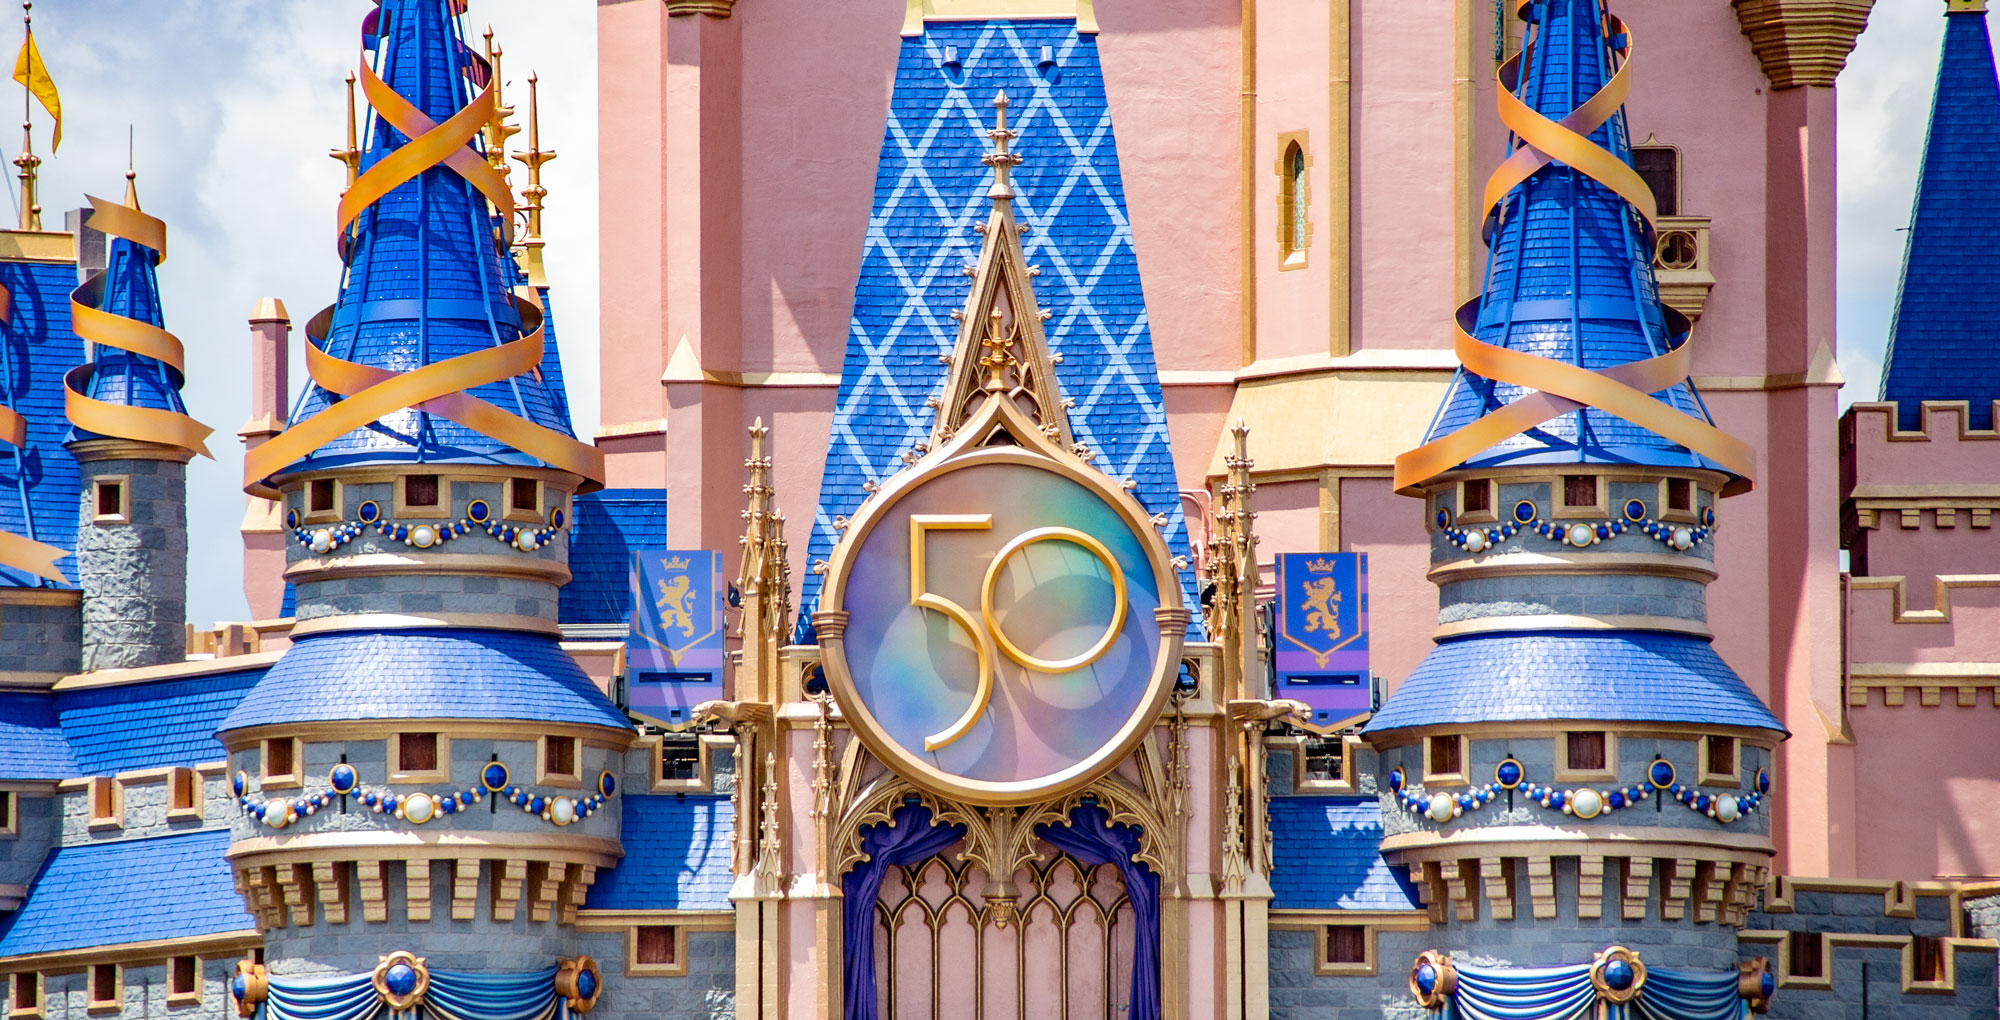 Cinderella Castle decorations at Magic Kingdom.